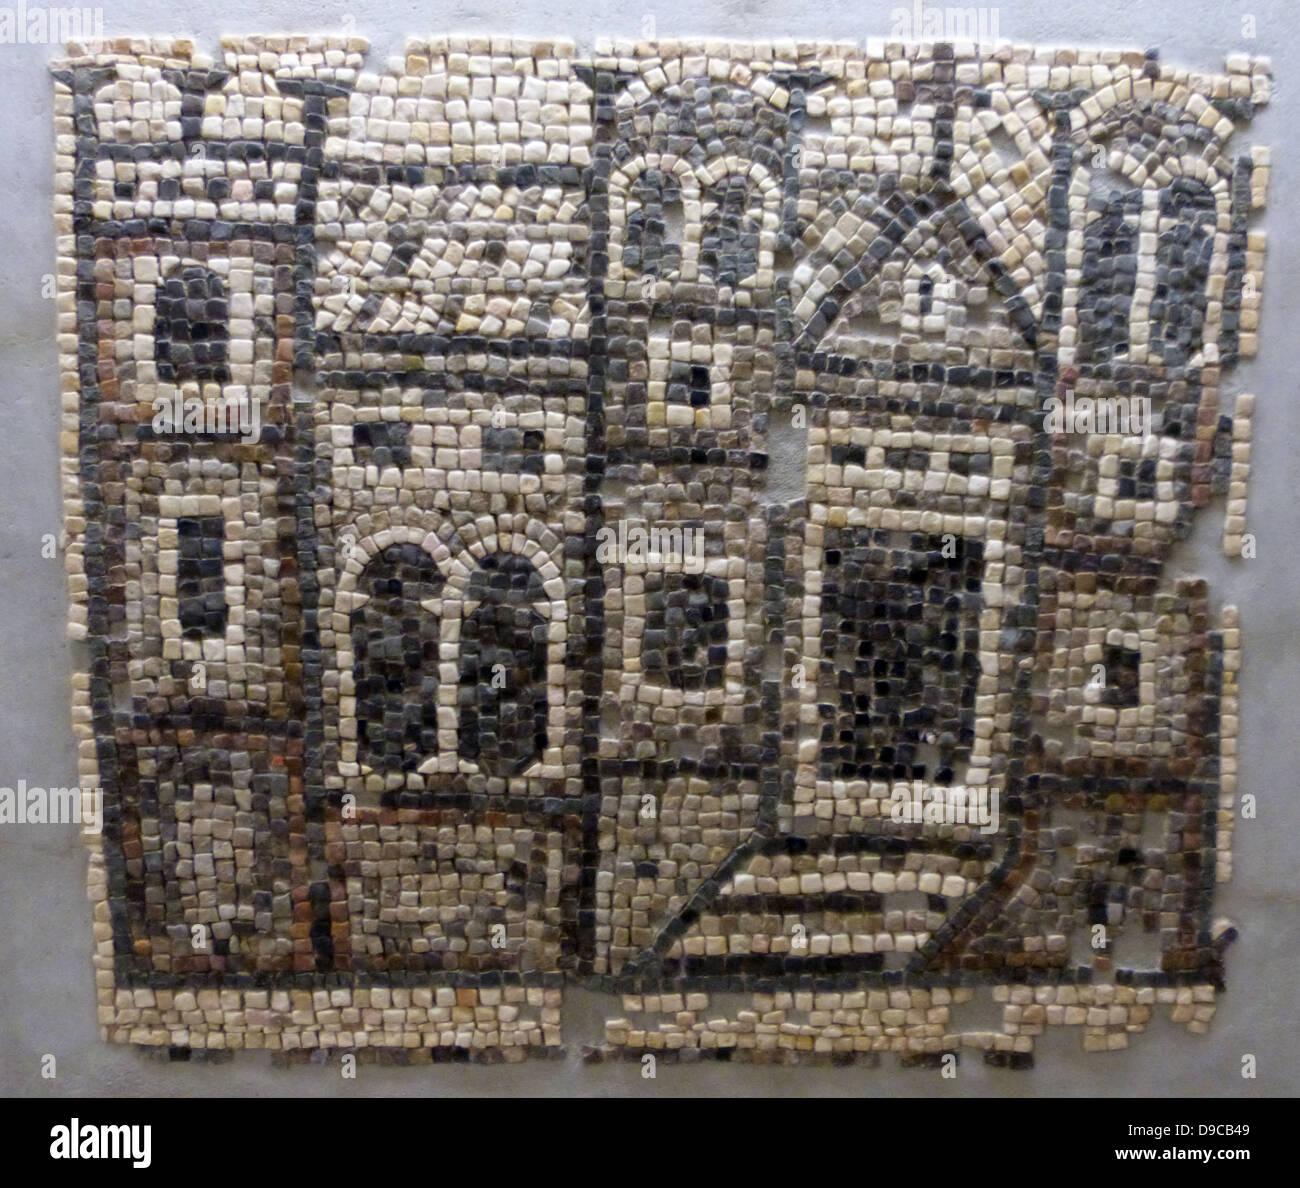 Fragment einer Mosaik Dekoration eine Kirche darstellt.  Vergleichbare Darstellungen von Gebäuden mit realistischen Stockbild